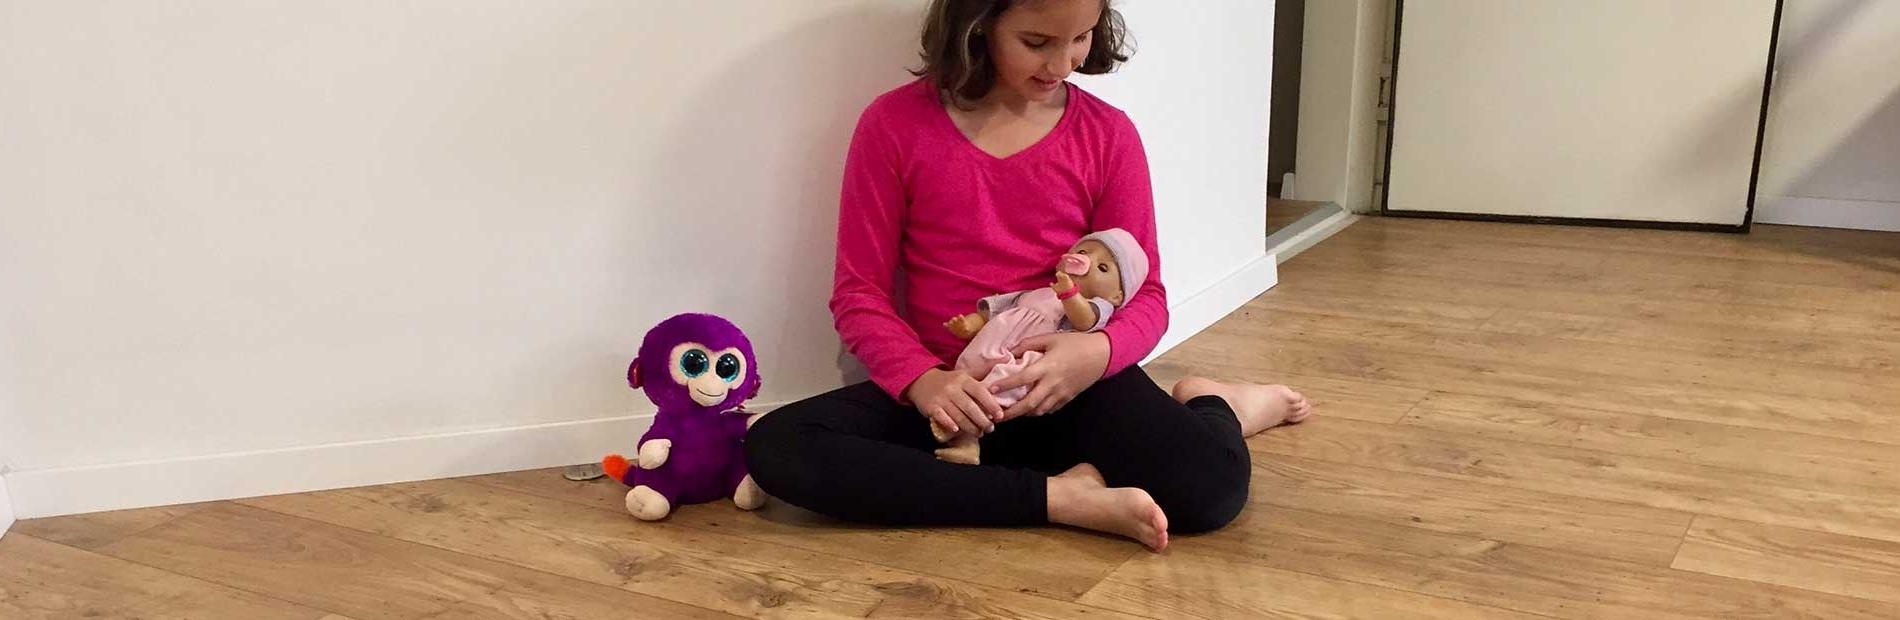 ילדה יושבת על רצפת פרקט